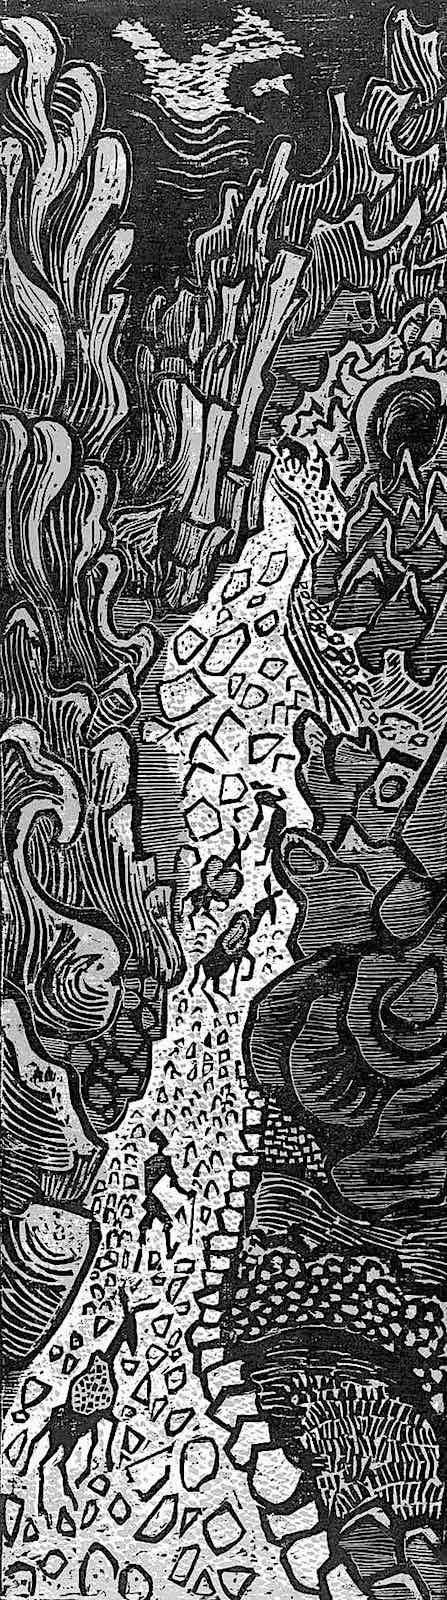 Otto Pankok 1956 art